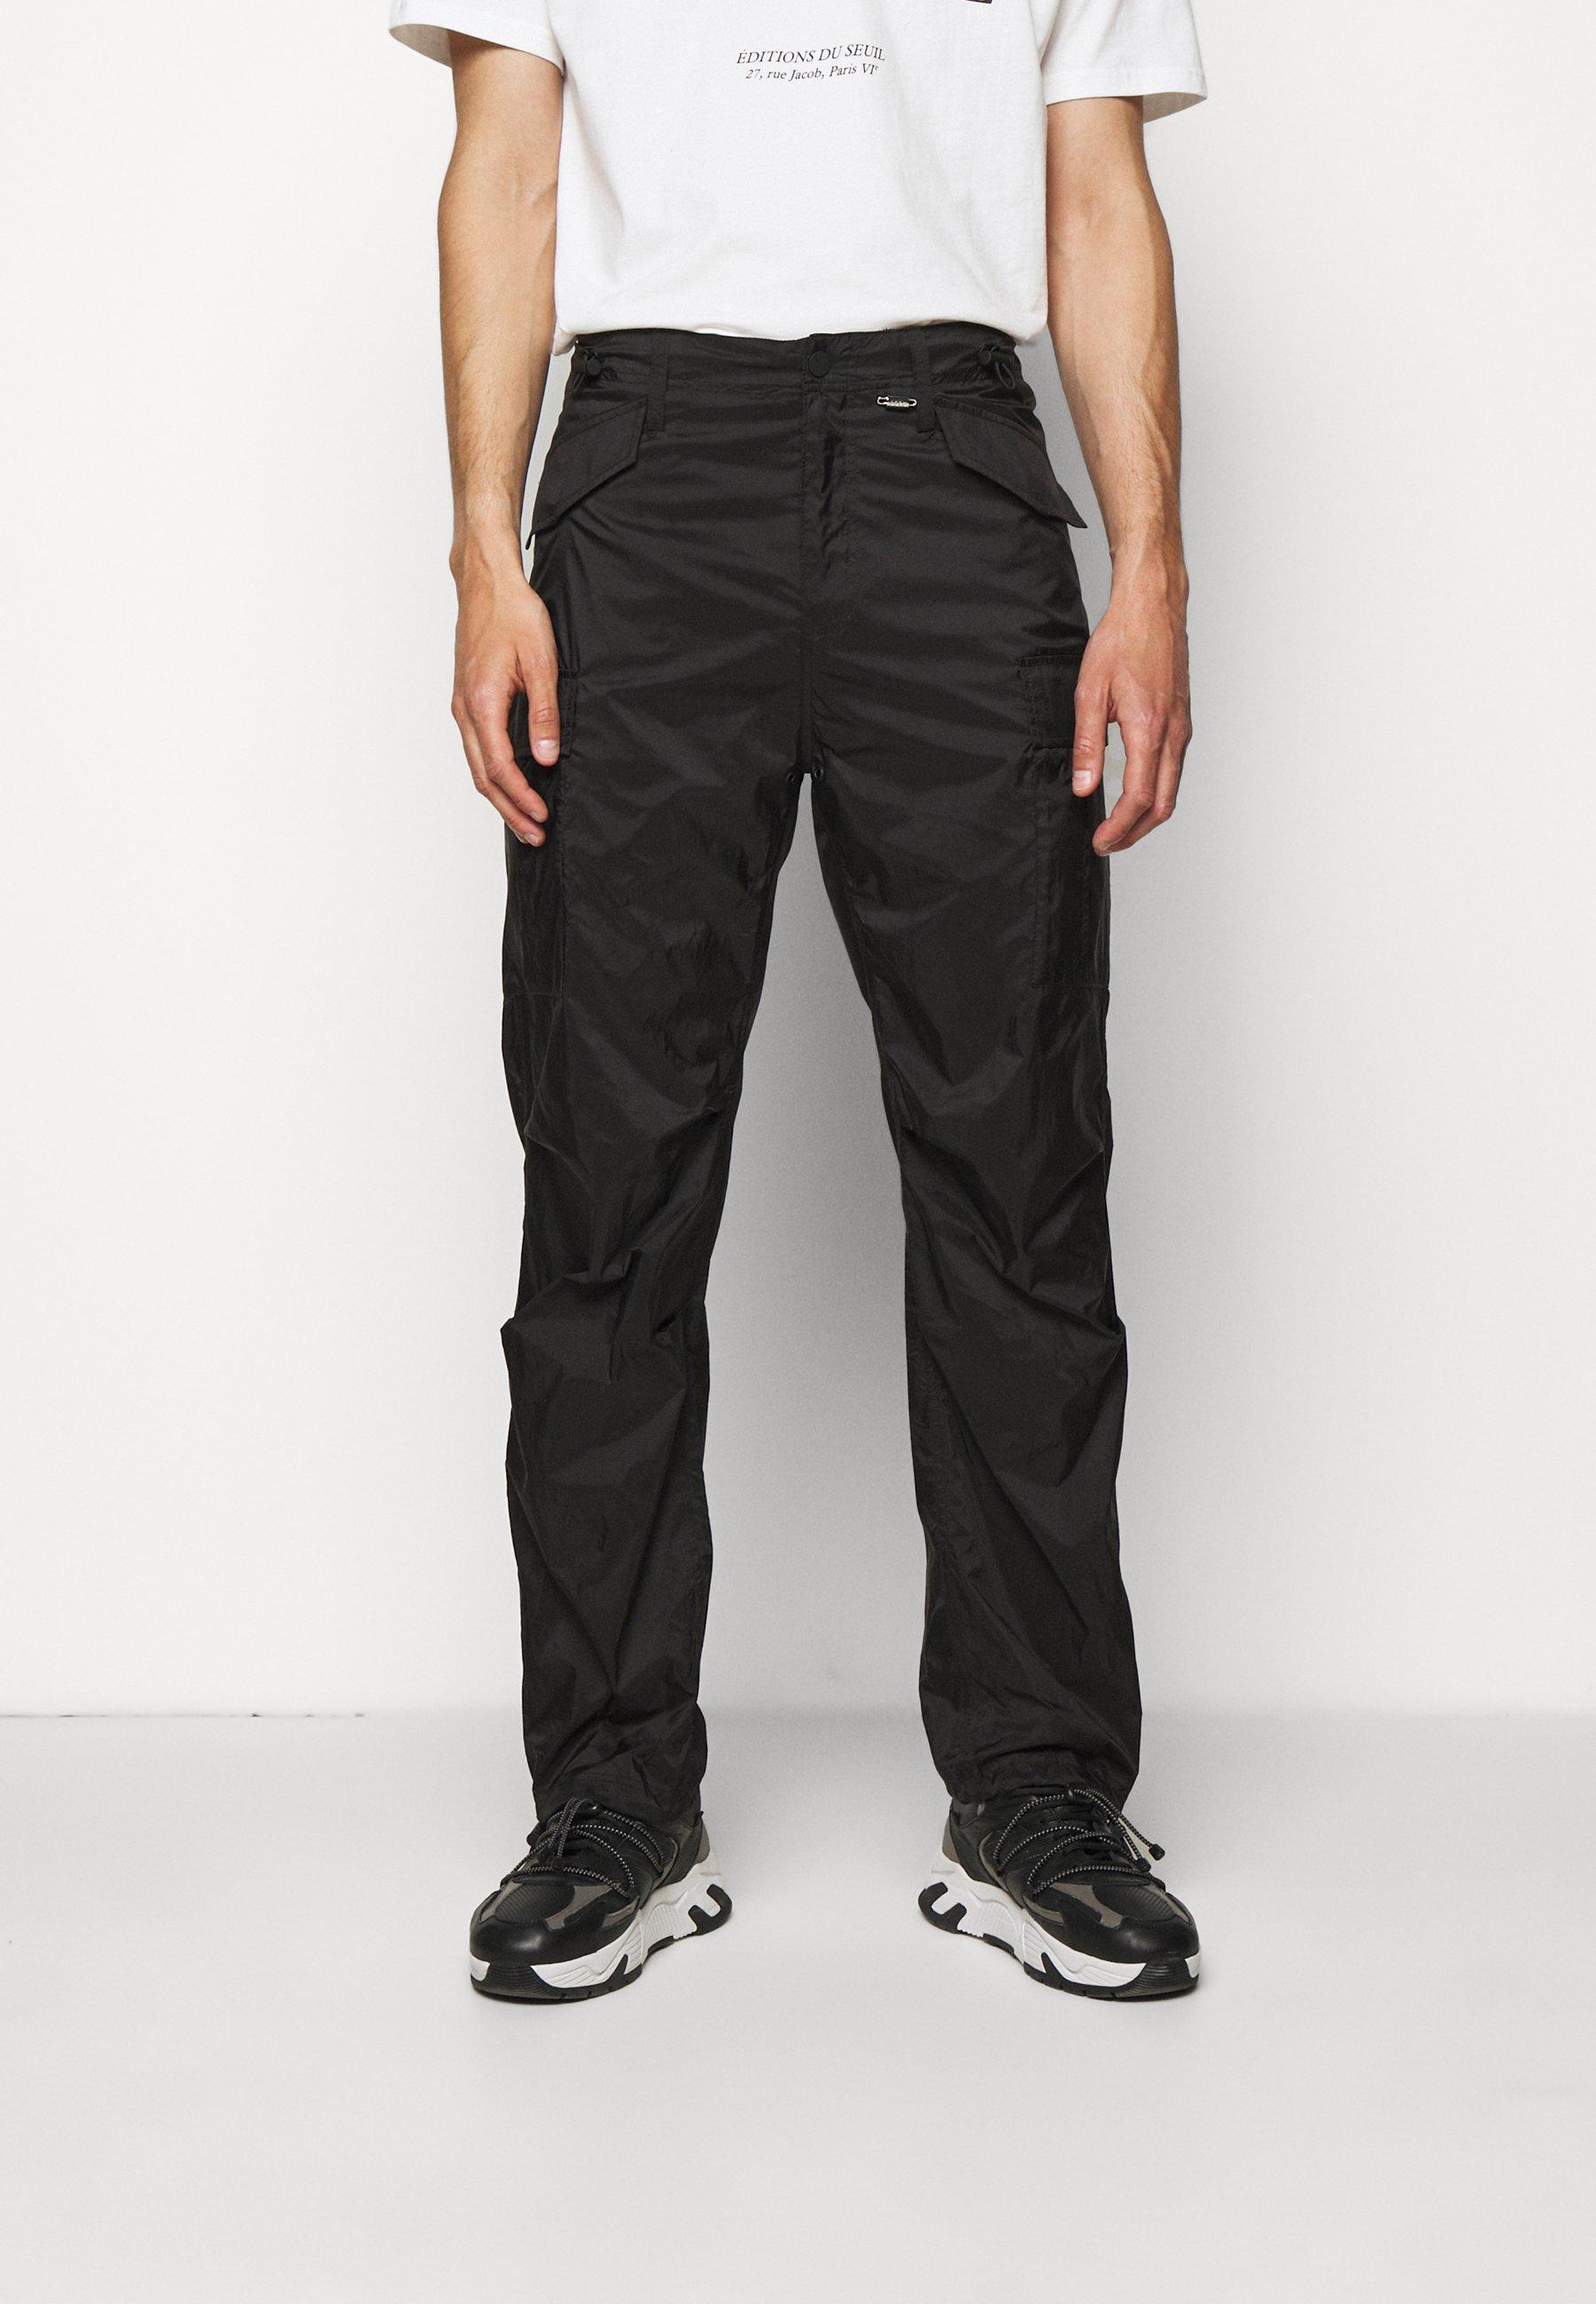 Homme TRANSLUCENT PANTS - Pantalon cargo